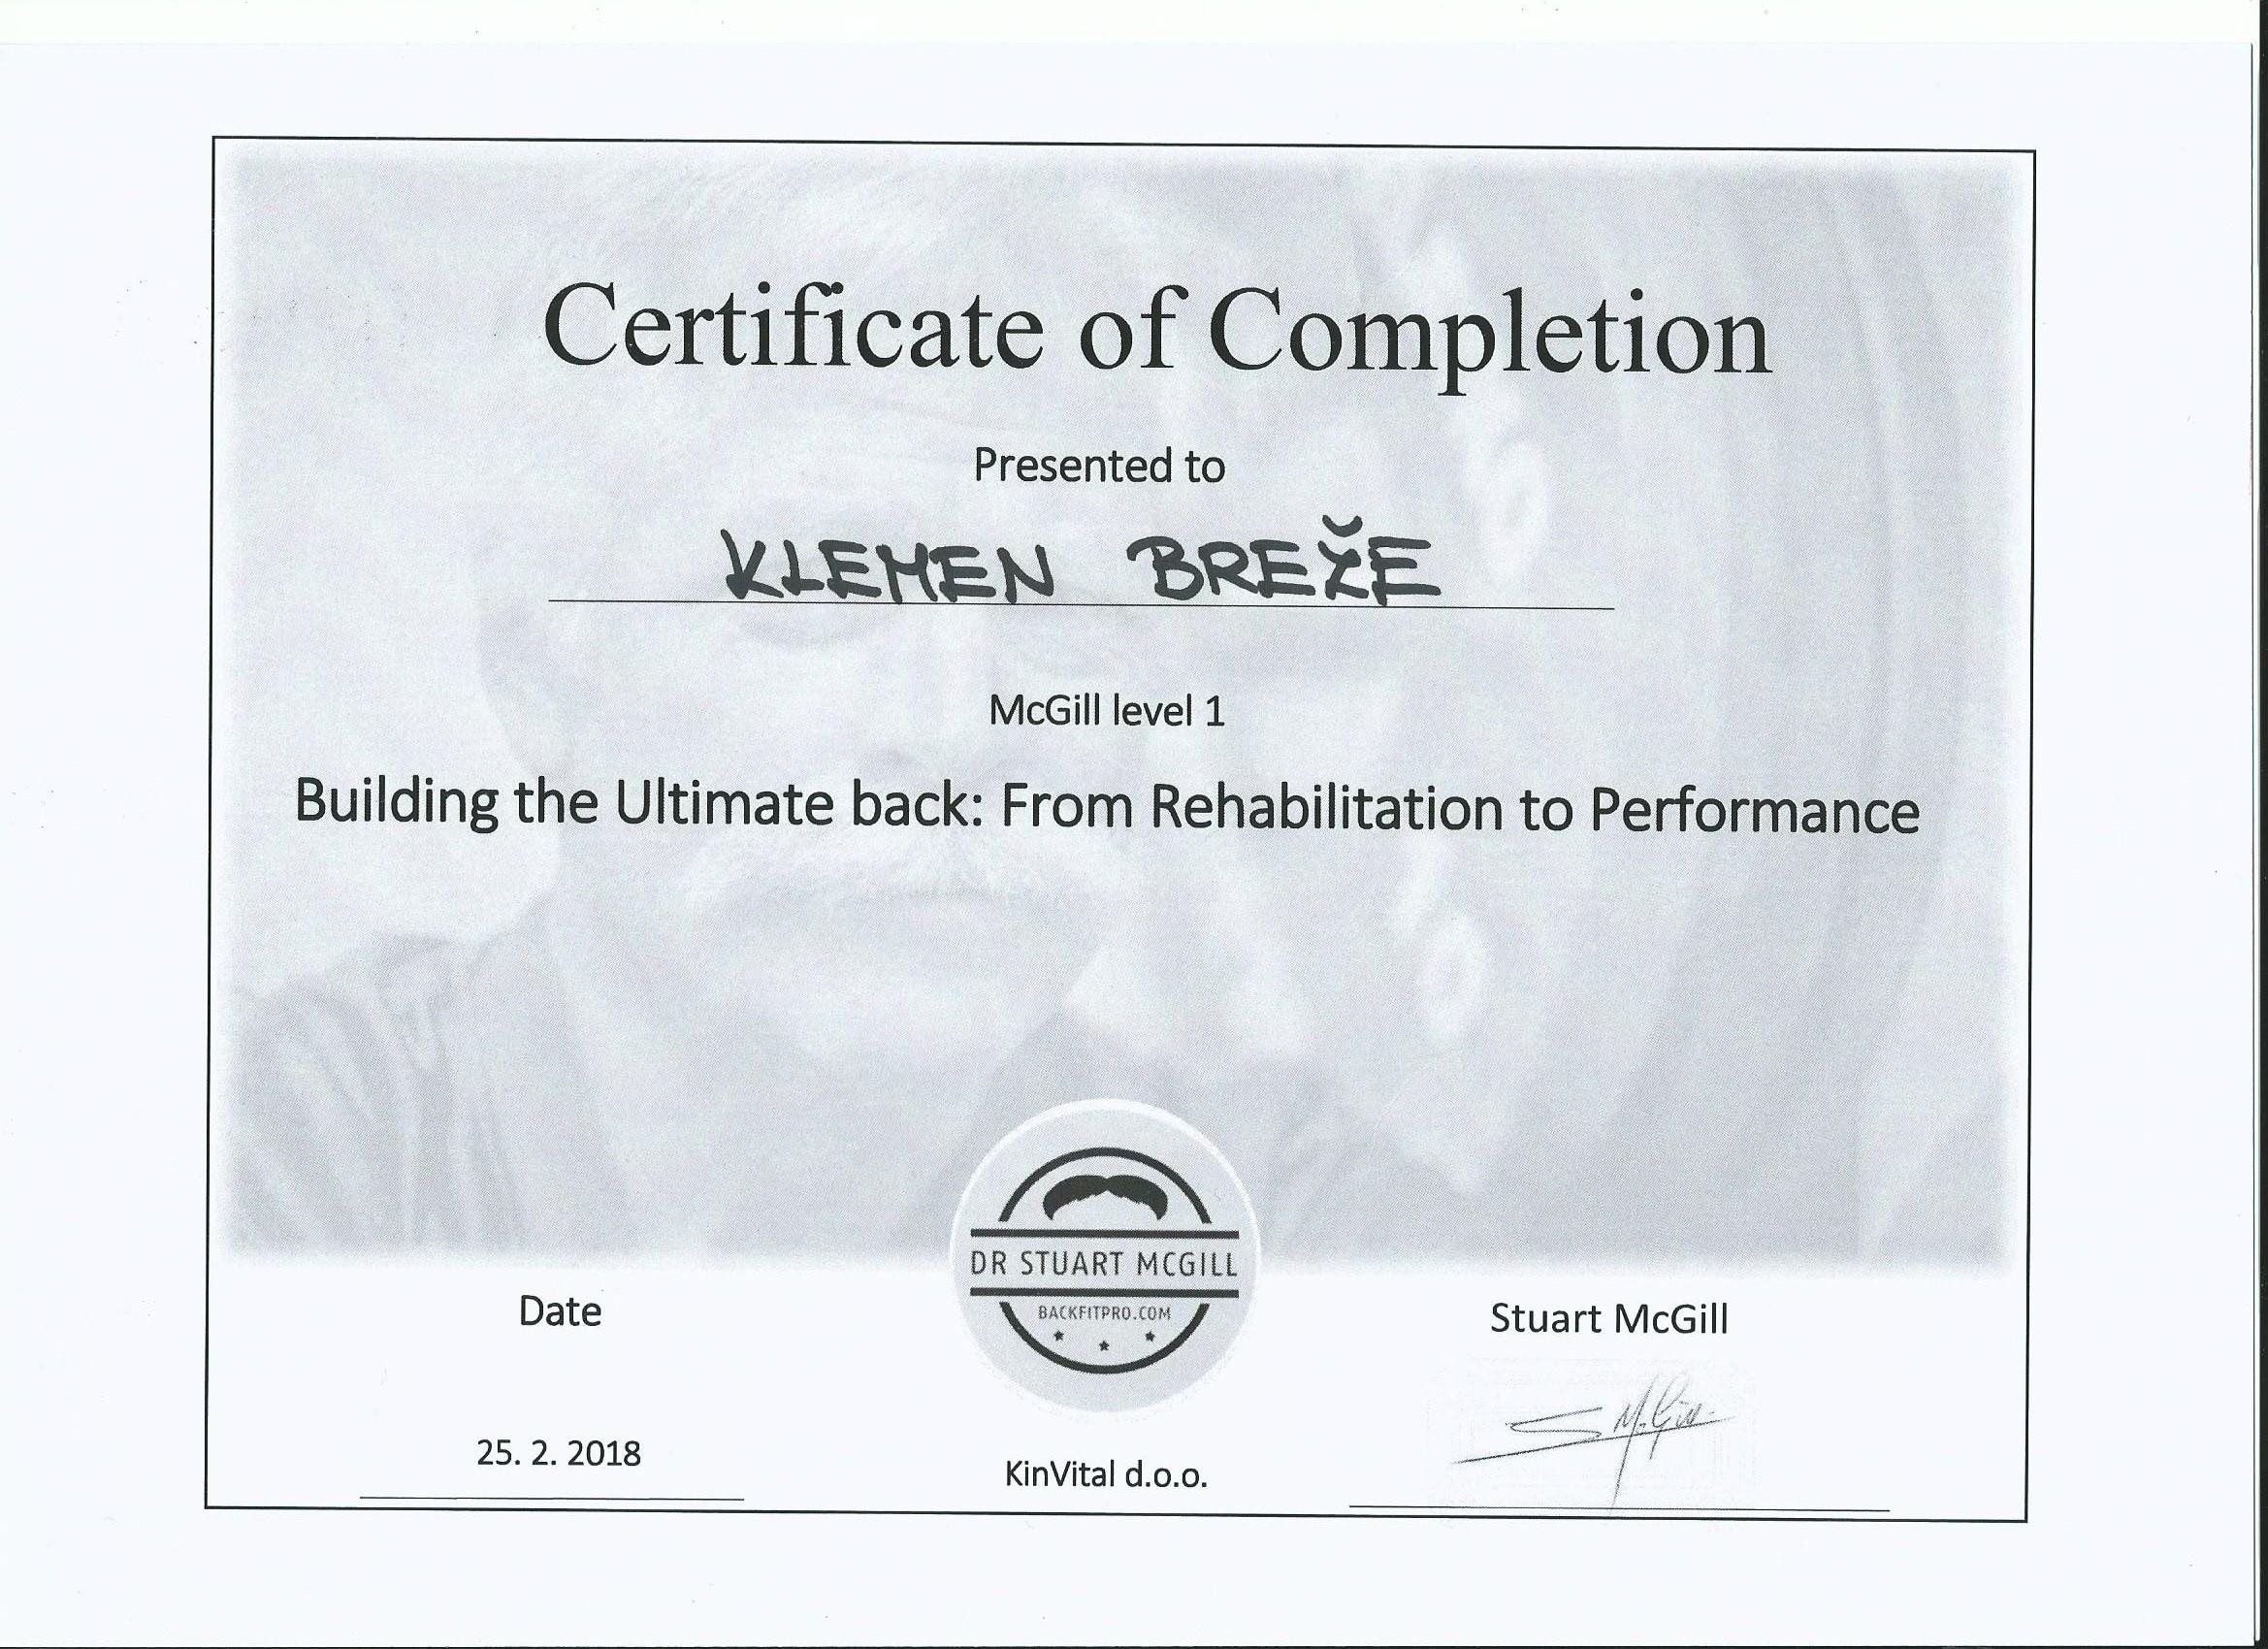 Stuart McGill certifikat